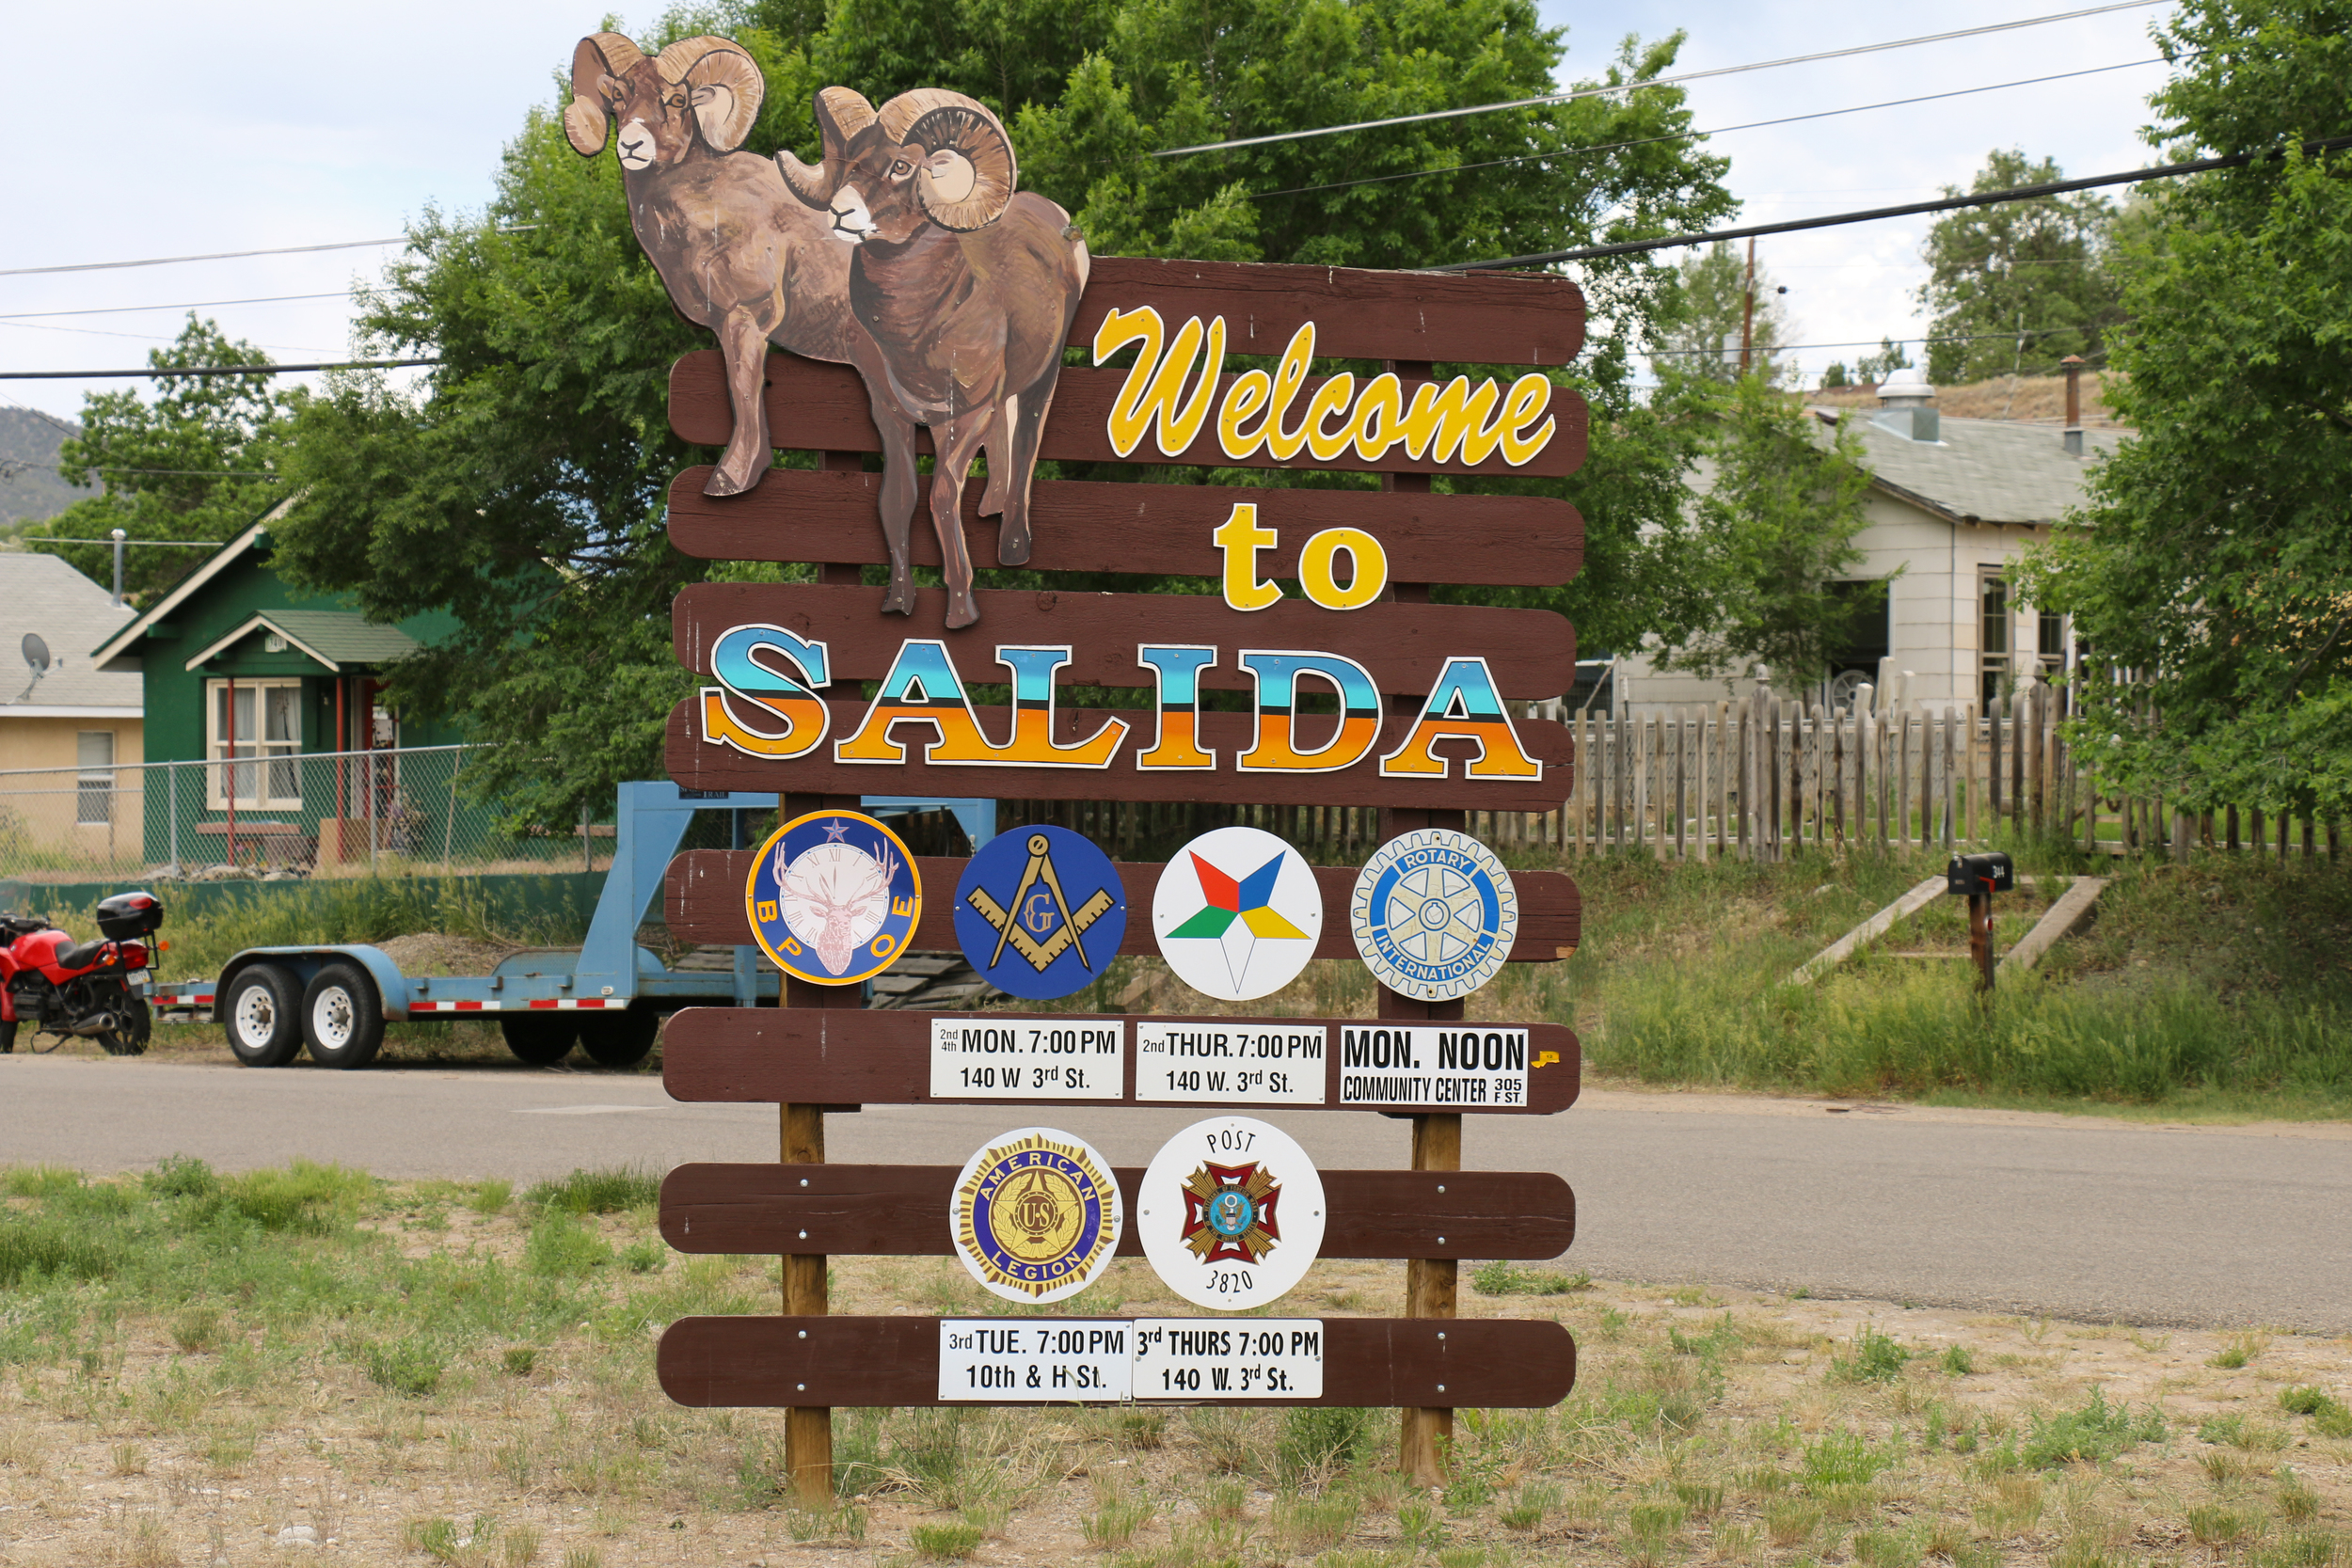 Running through Salida